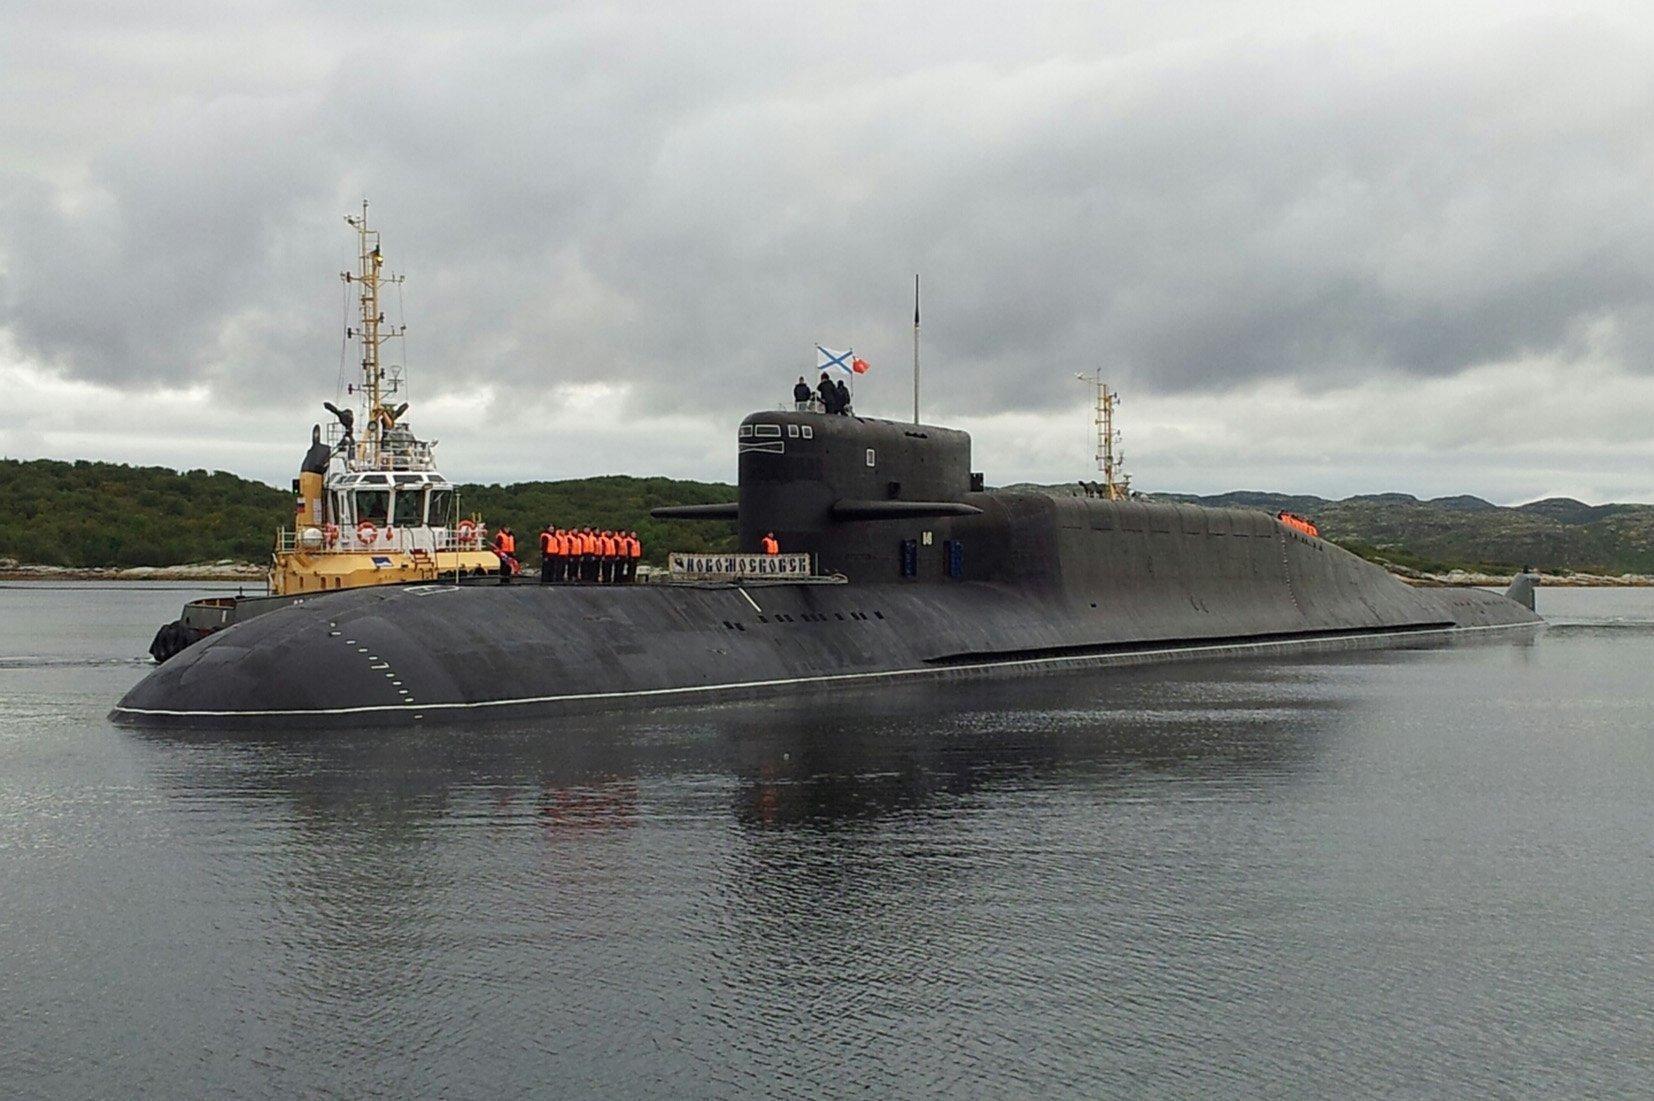 The Novomoskovsk strategic missile sub.